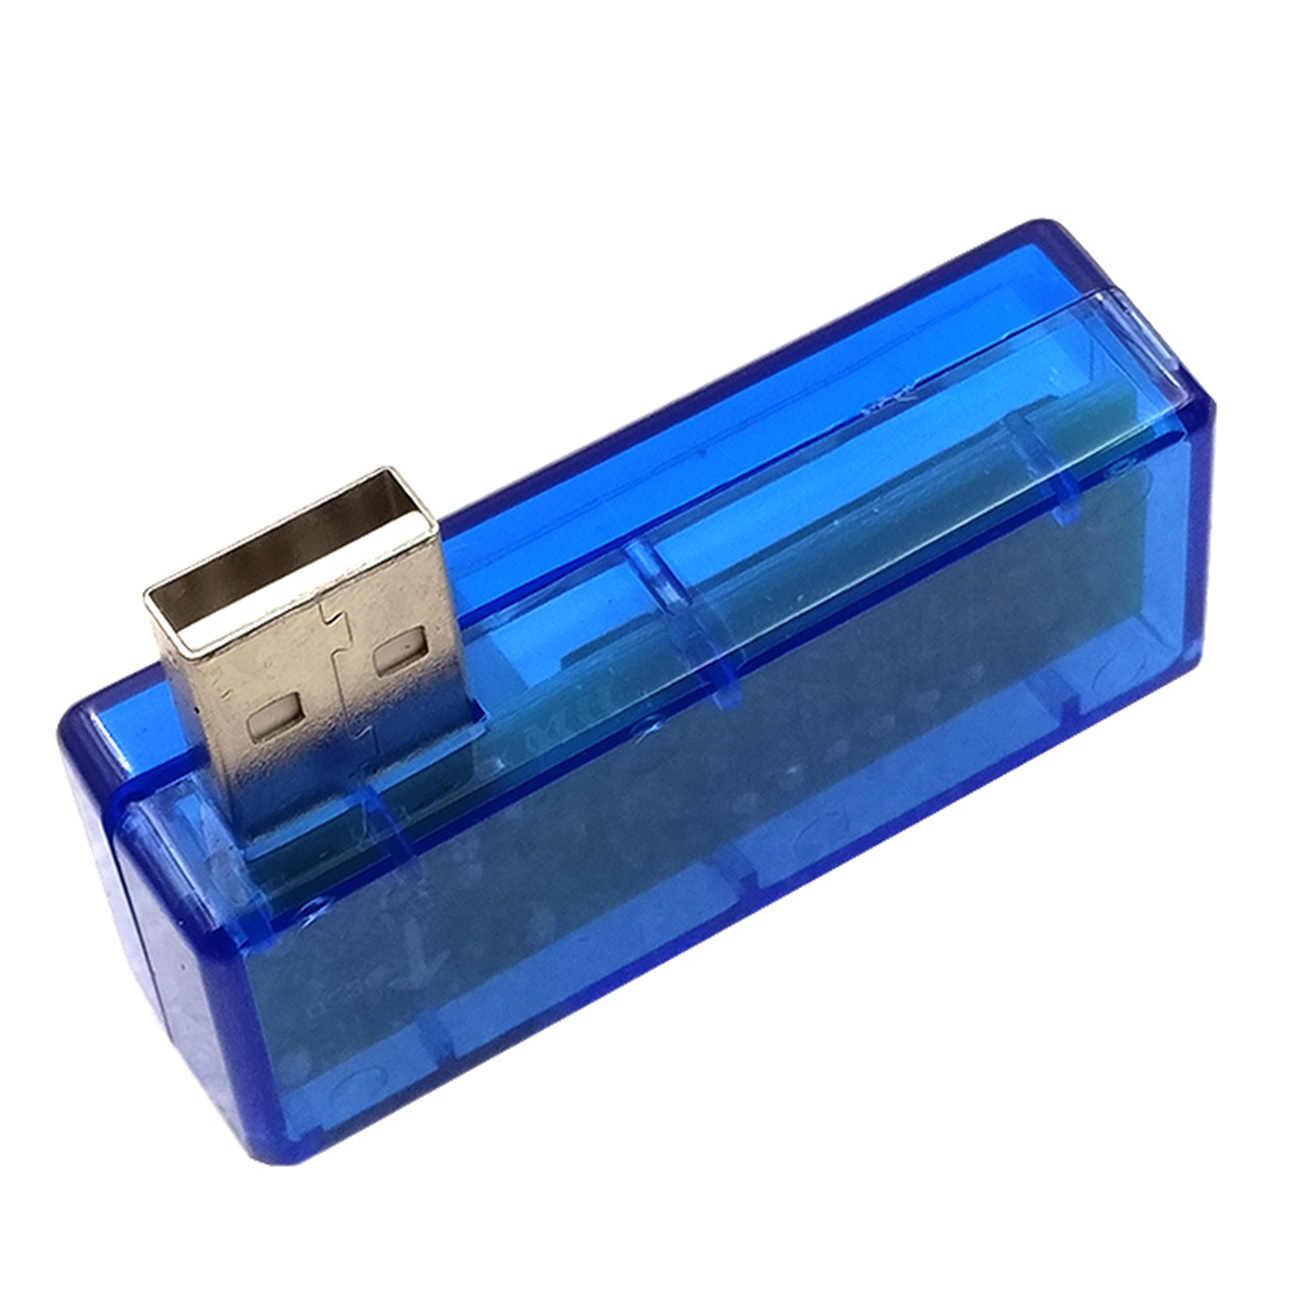 Compteur de tension de courant de charge de puissance Mobile USB numérique Mini chargeur USB médecin voltmètre ampèremètre affichage de LED